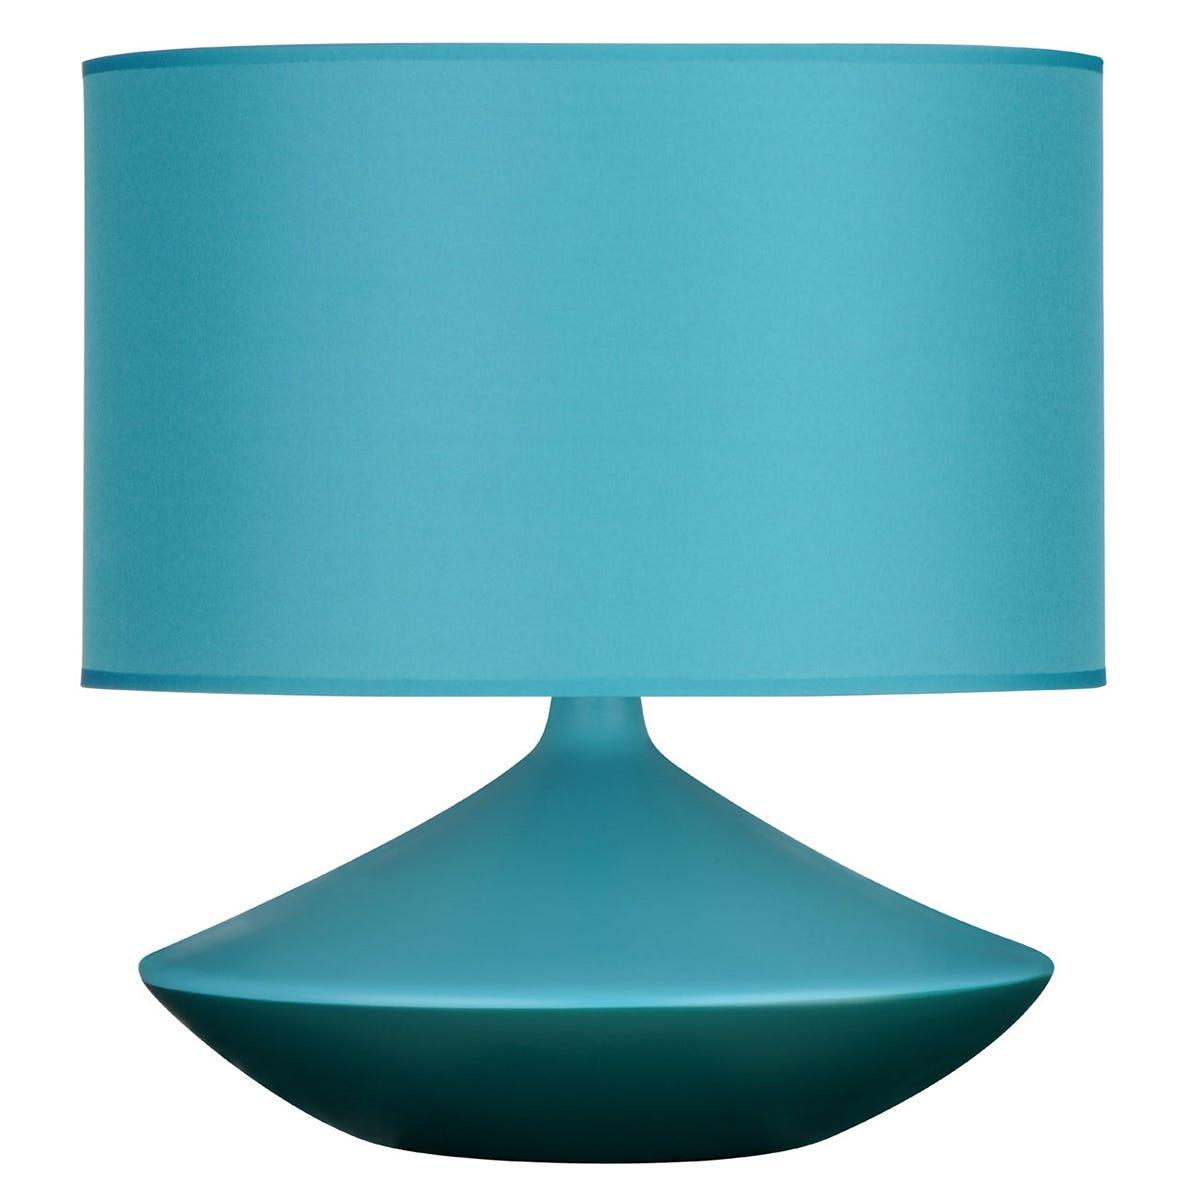 Premier Housewares Table Lamp in Teal Ceramic